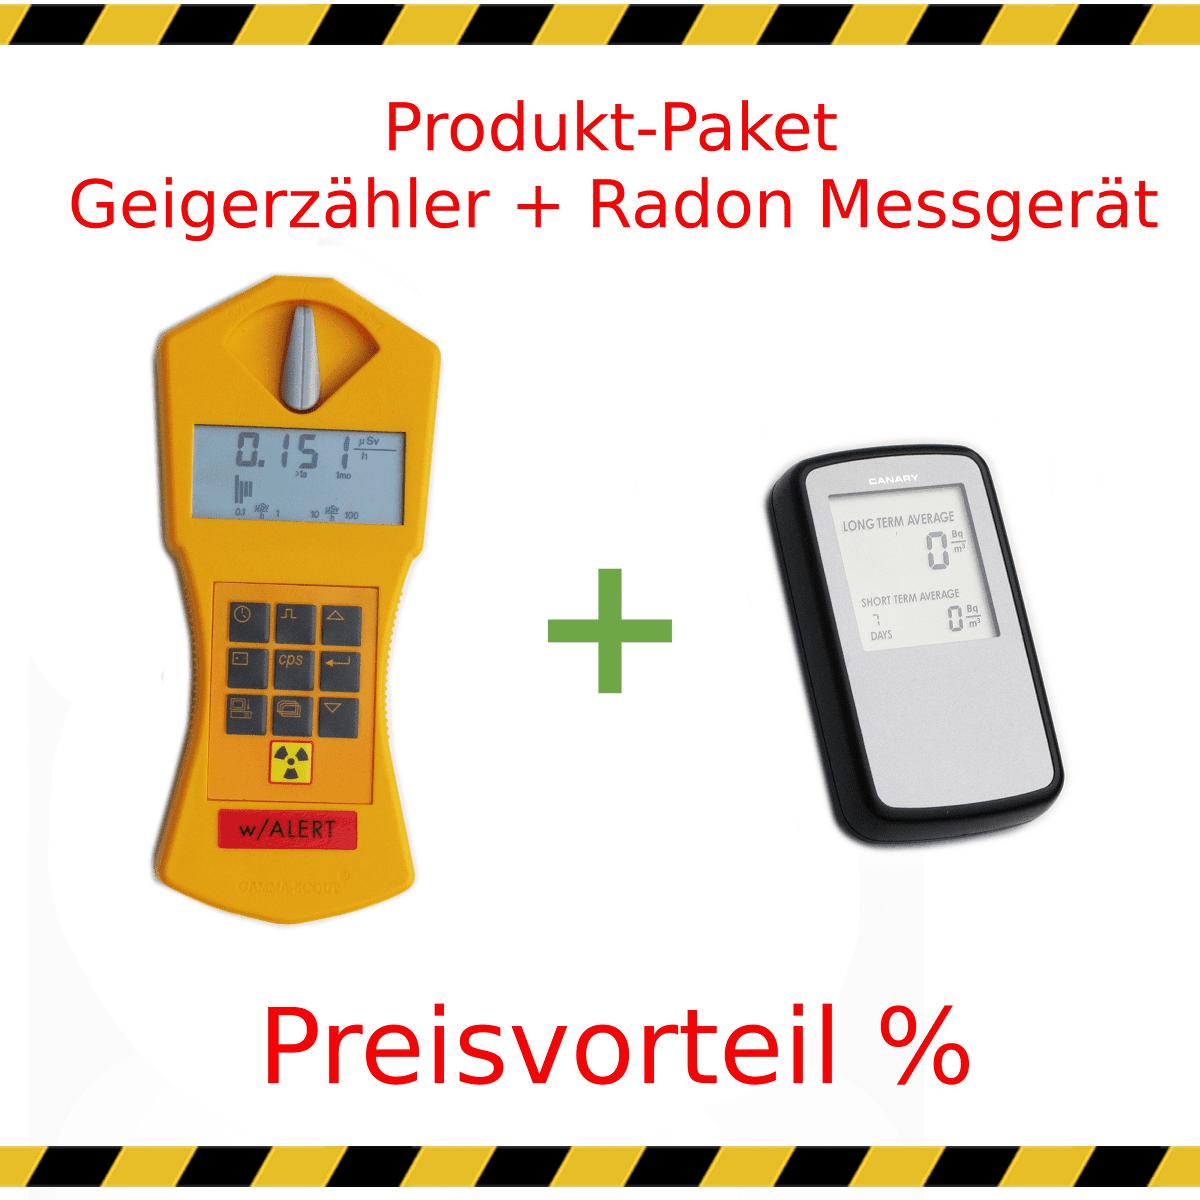 Super ☢ Geigerzähler und Radonmessgerät mieten - zum Sonderpreis! #DL_22